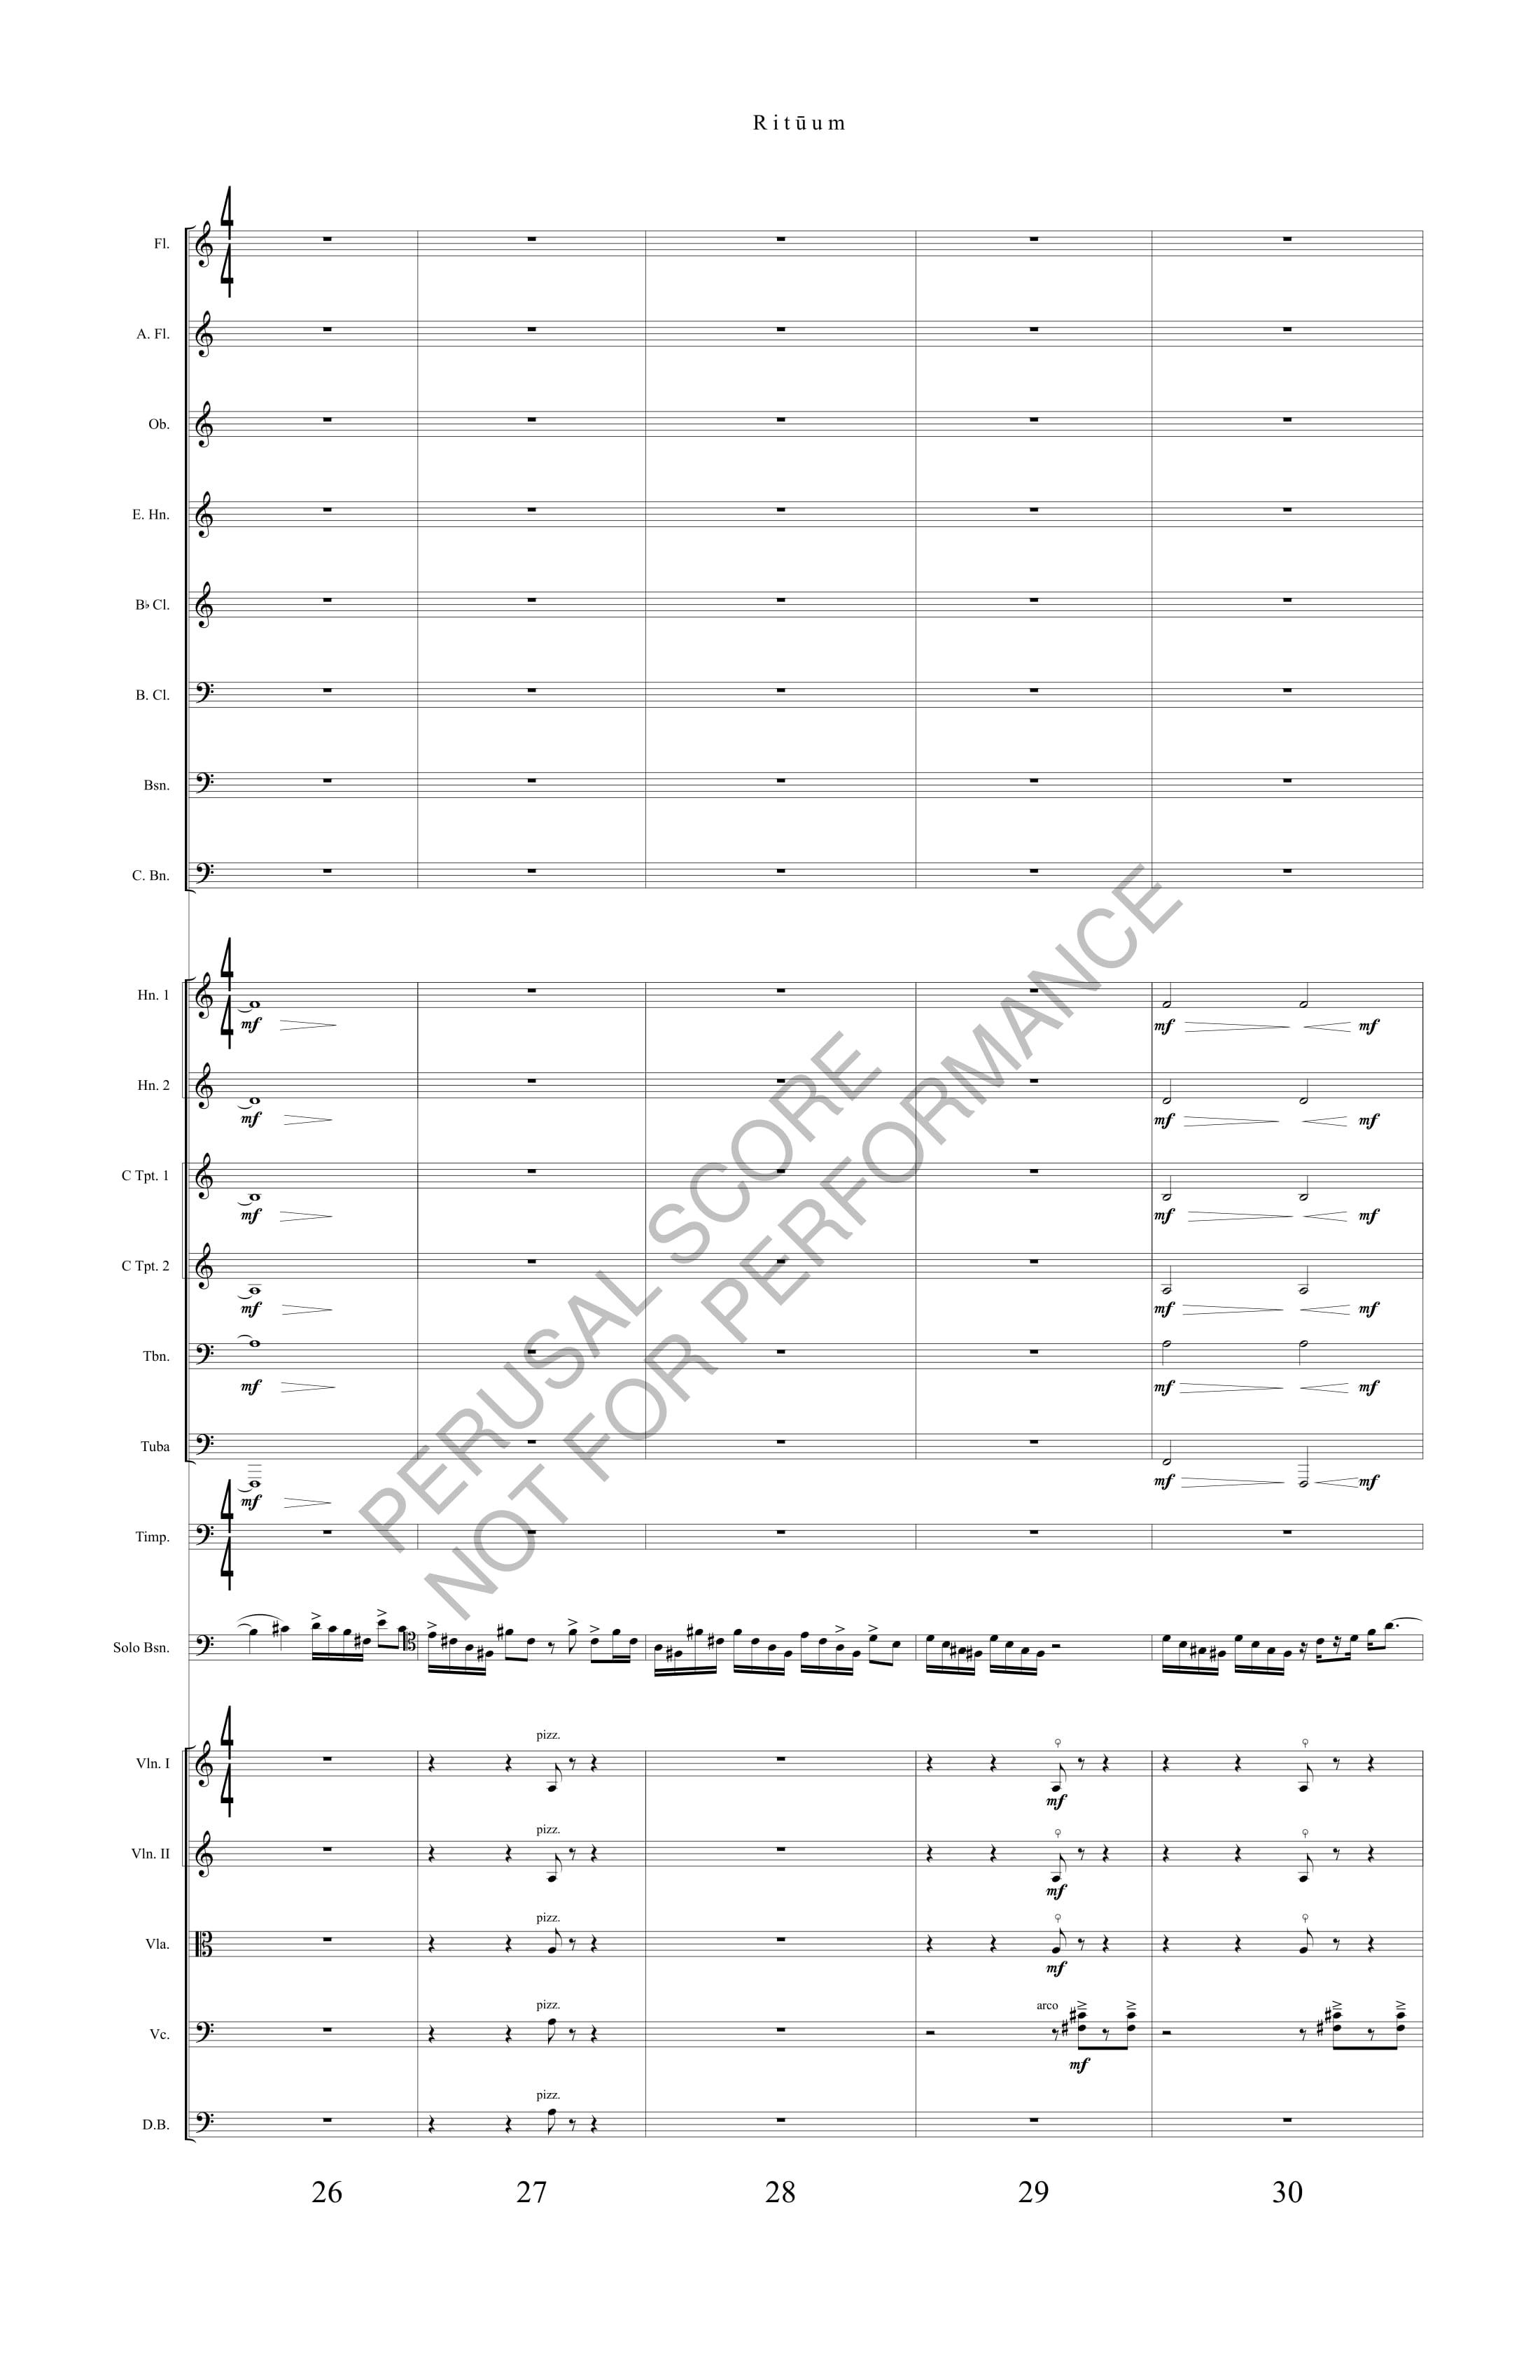 Boyd Rituum Score-watermark (1)-12.jpg